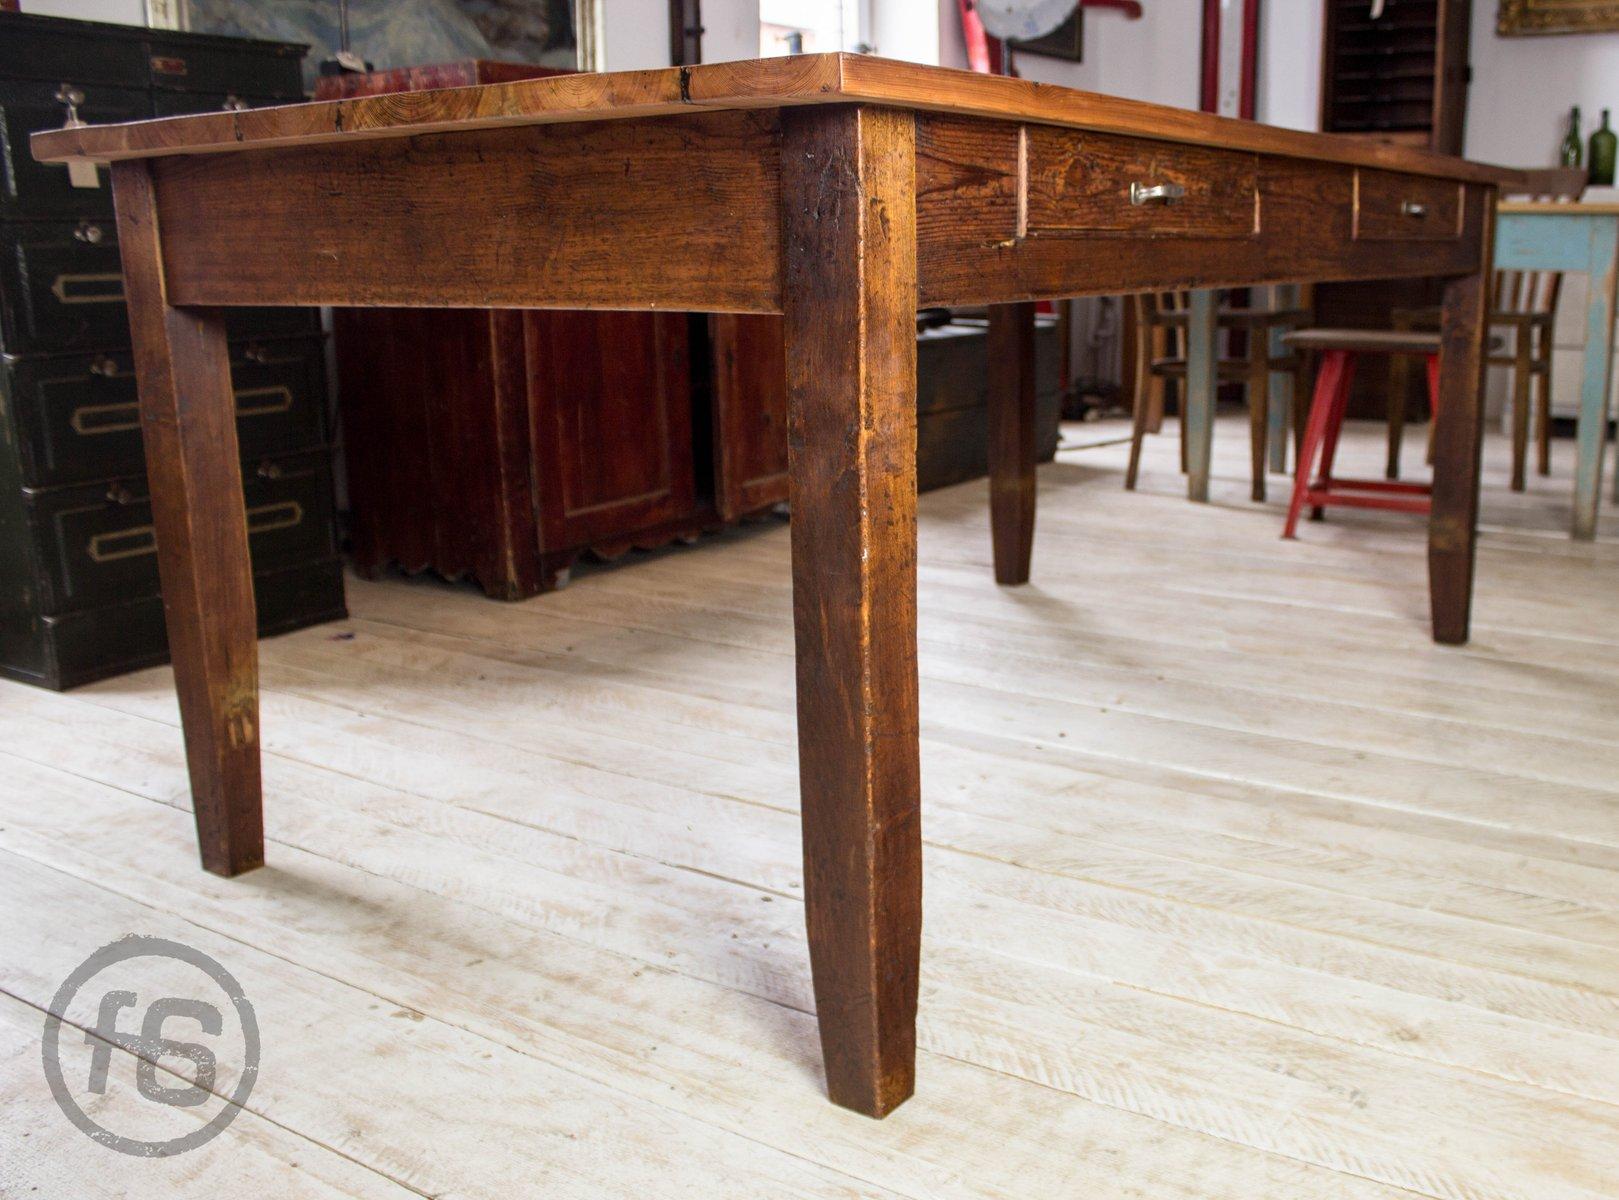 Tavolo da pranzo antico in pino in vendita su Pamono